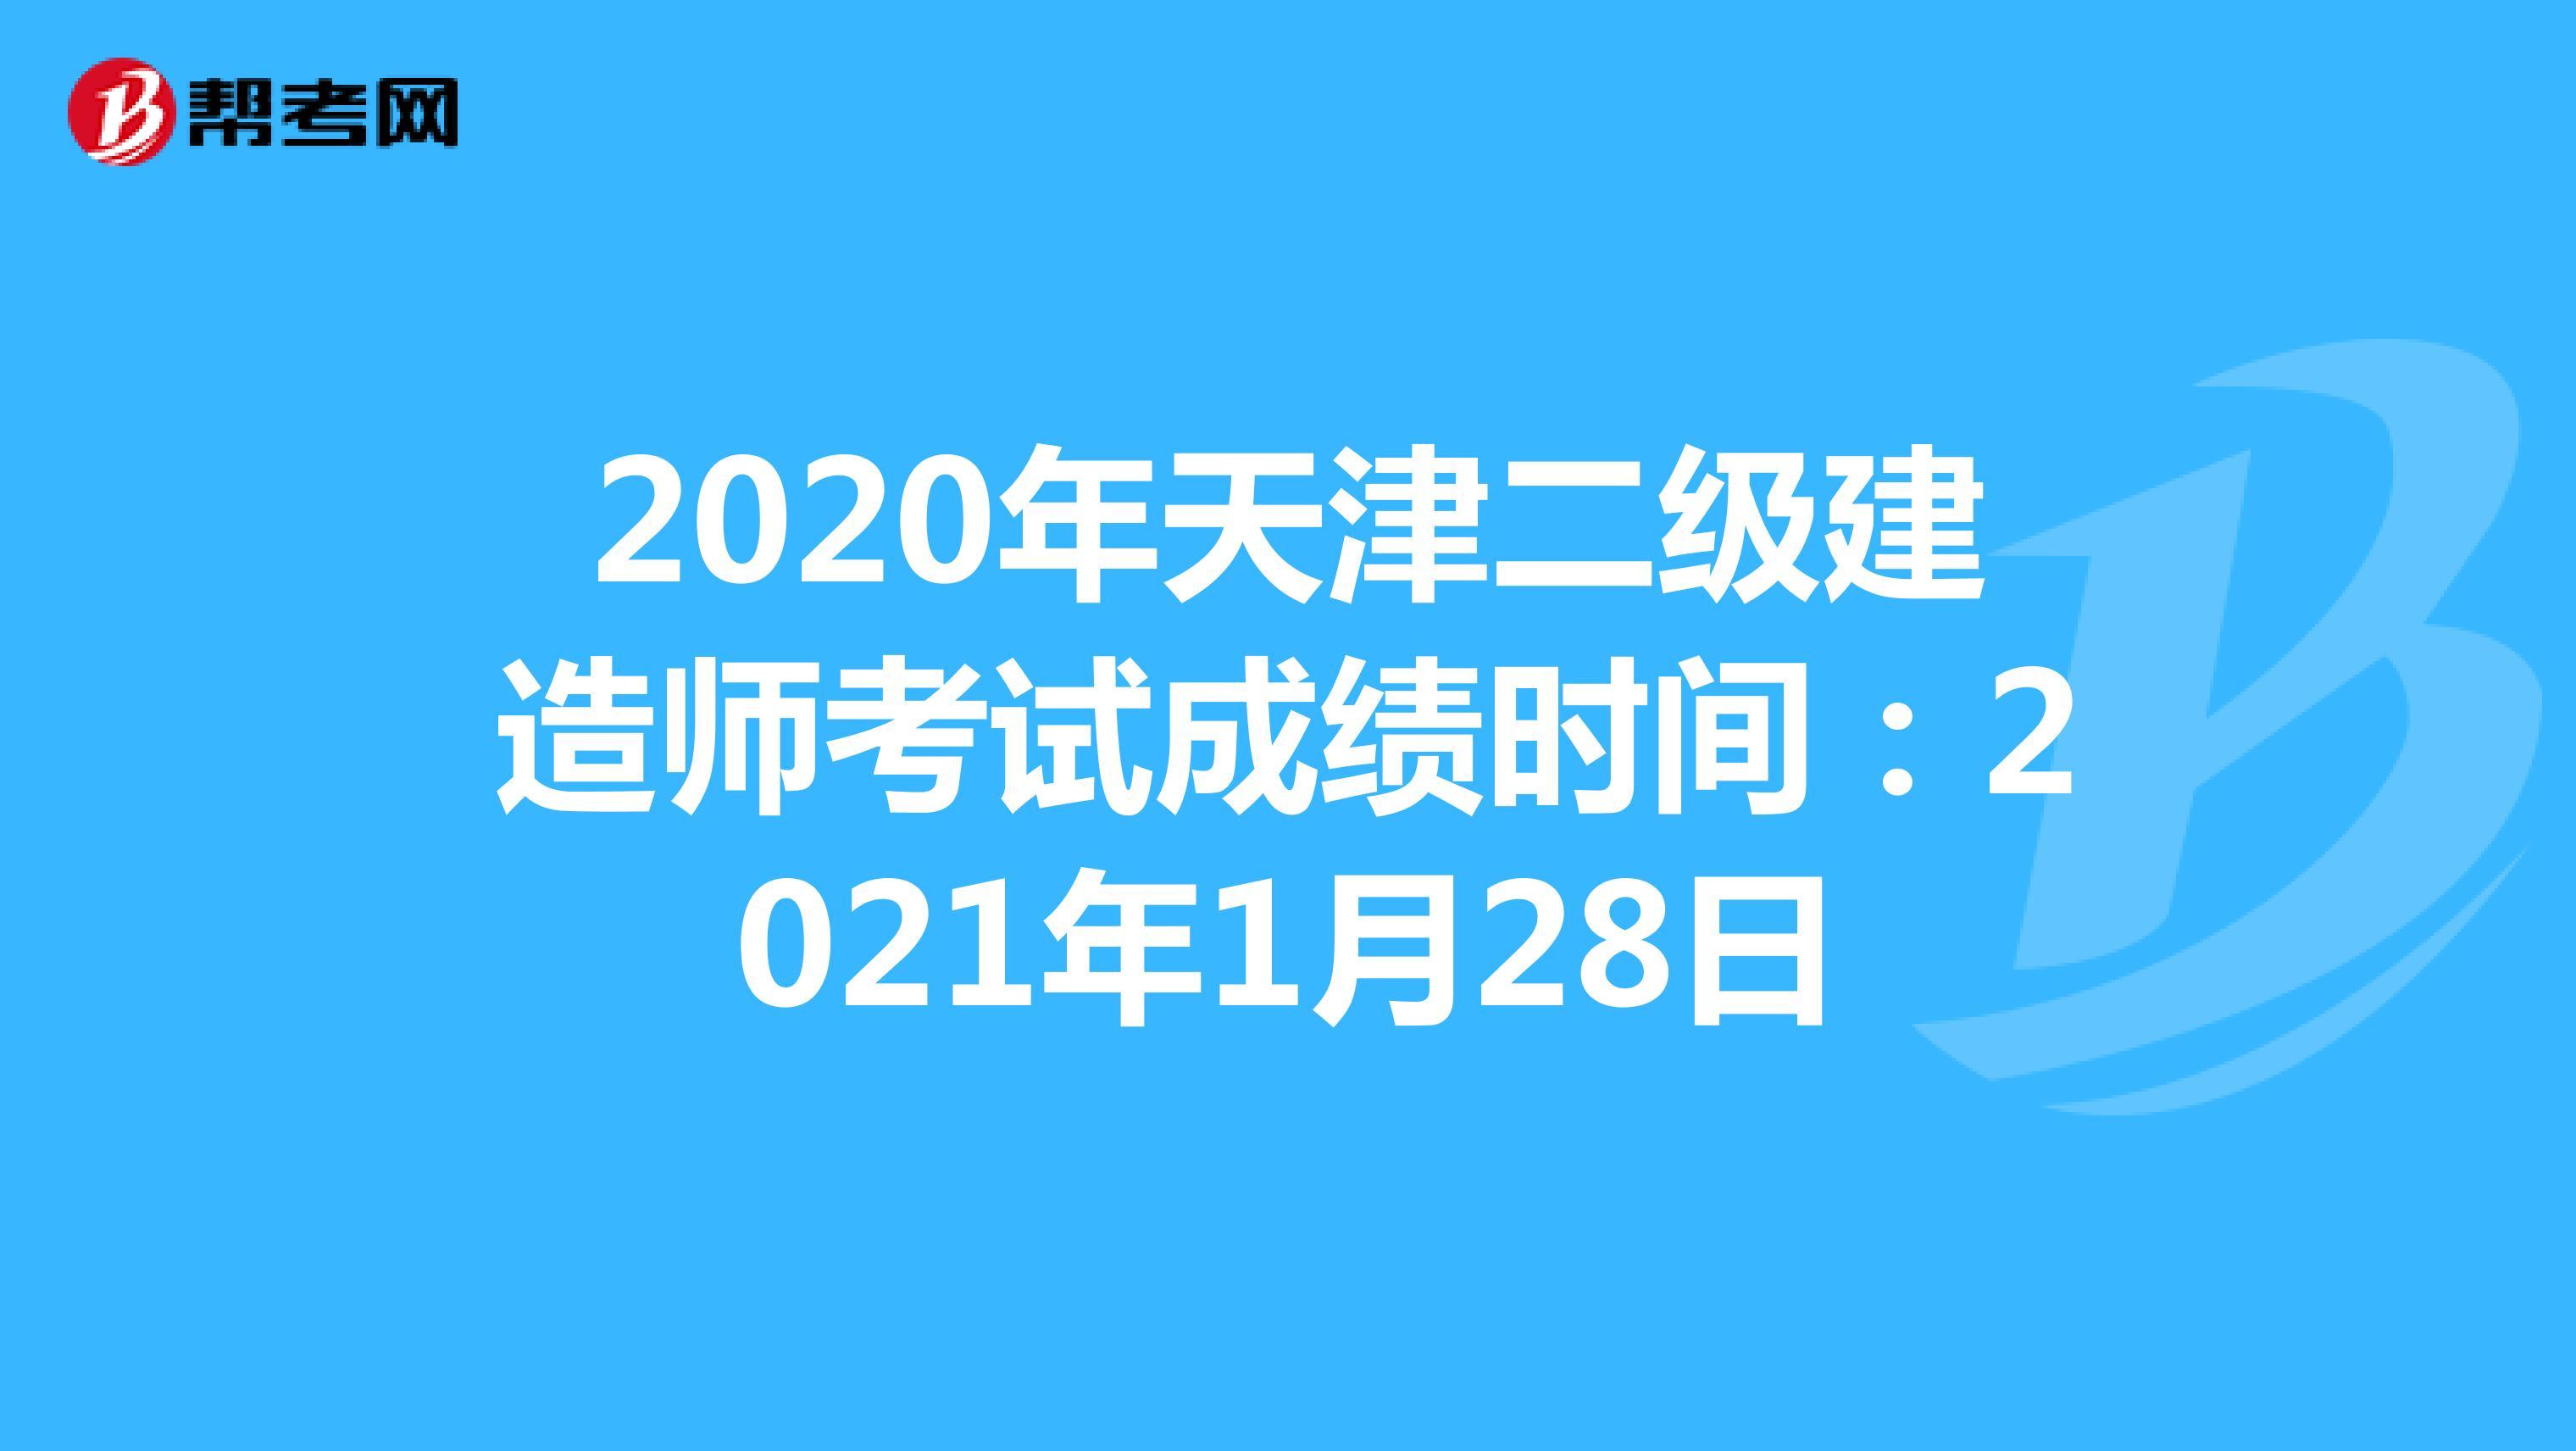 2020年天津(hot88体育官网)二级建造师考试成绩时间:2021年1月28日